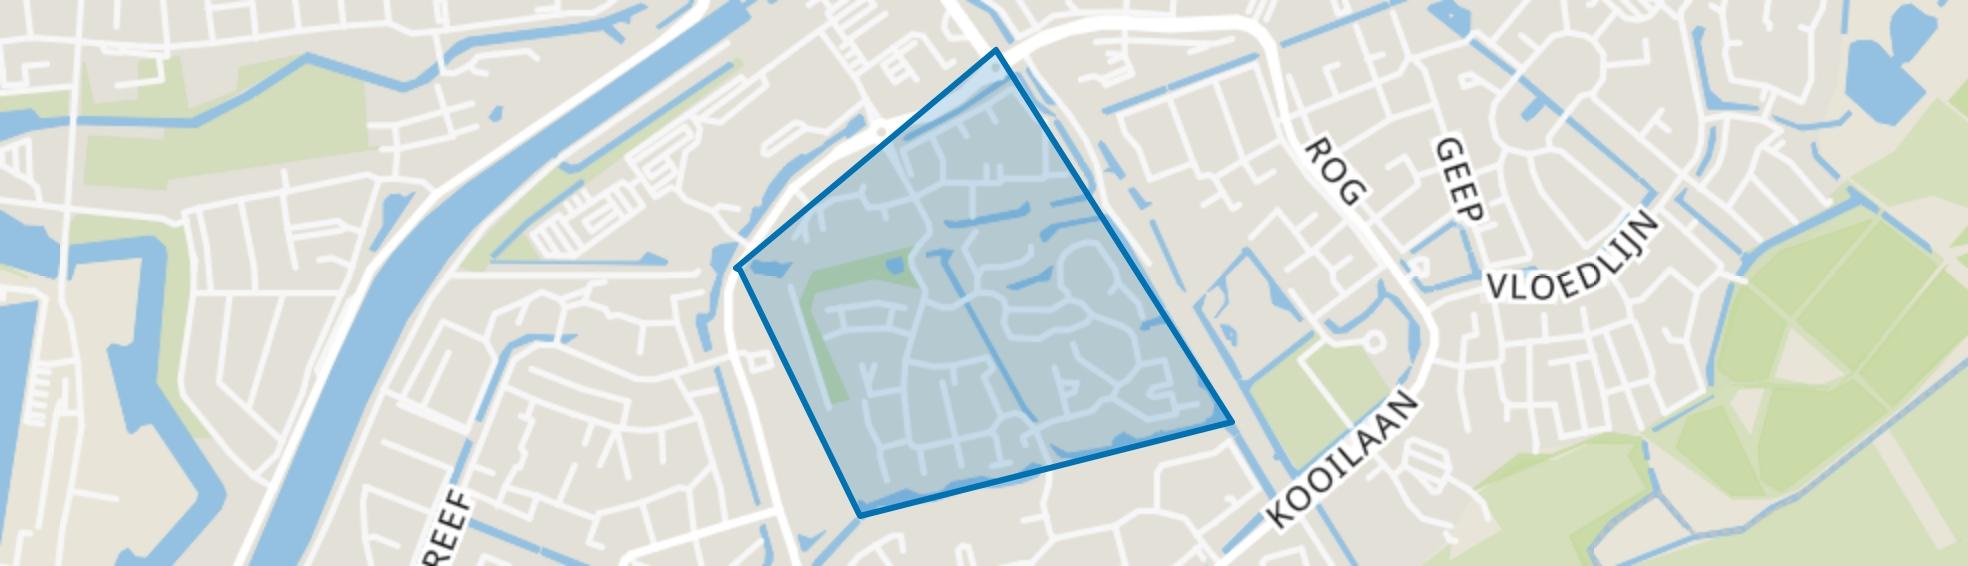 Hooghen Hoeck, Hellevoetsluis map